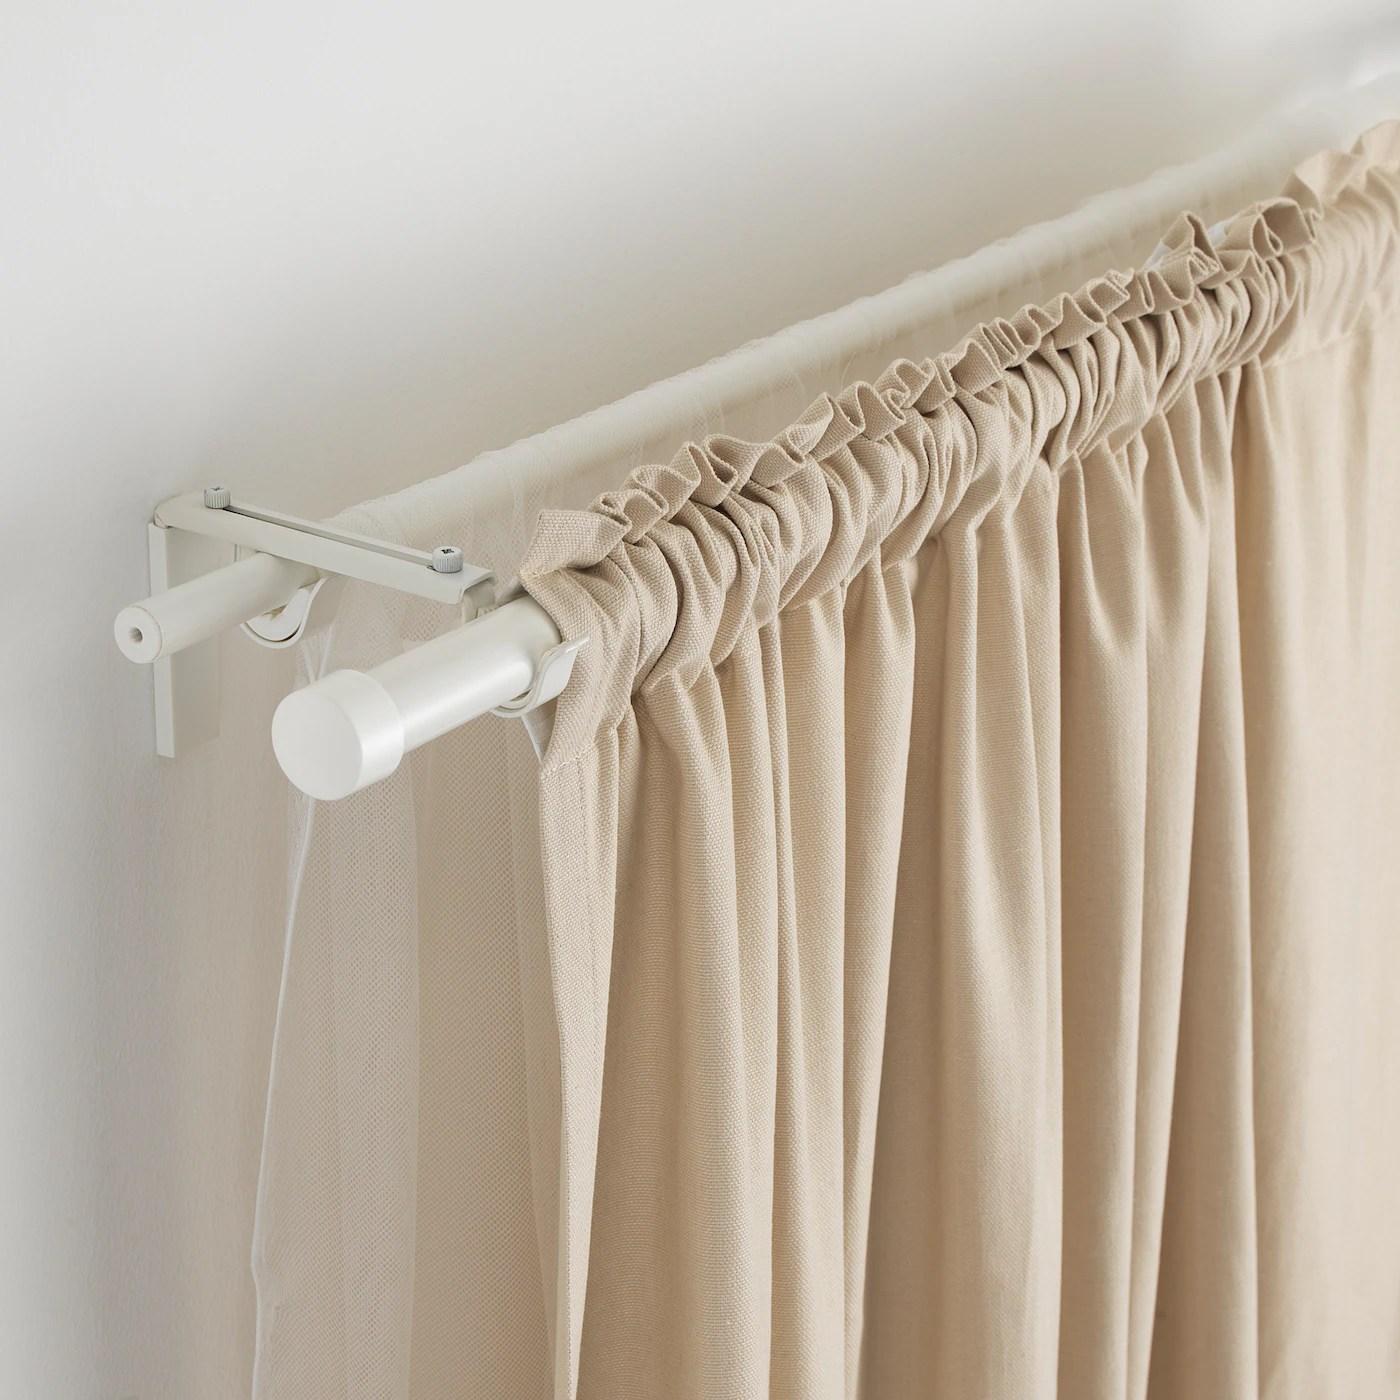 racka hugad combi tringle a rideaux double blanc 210 385 cm